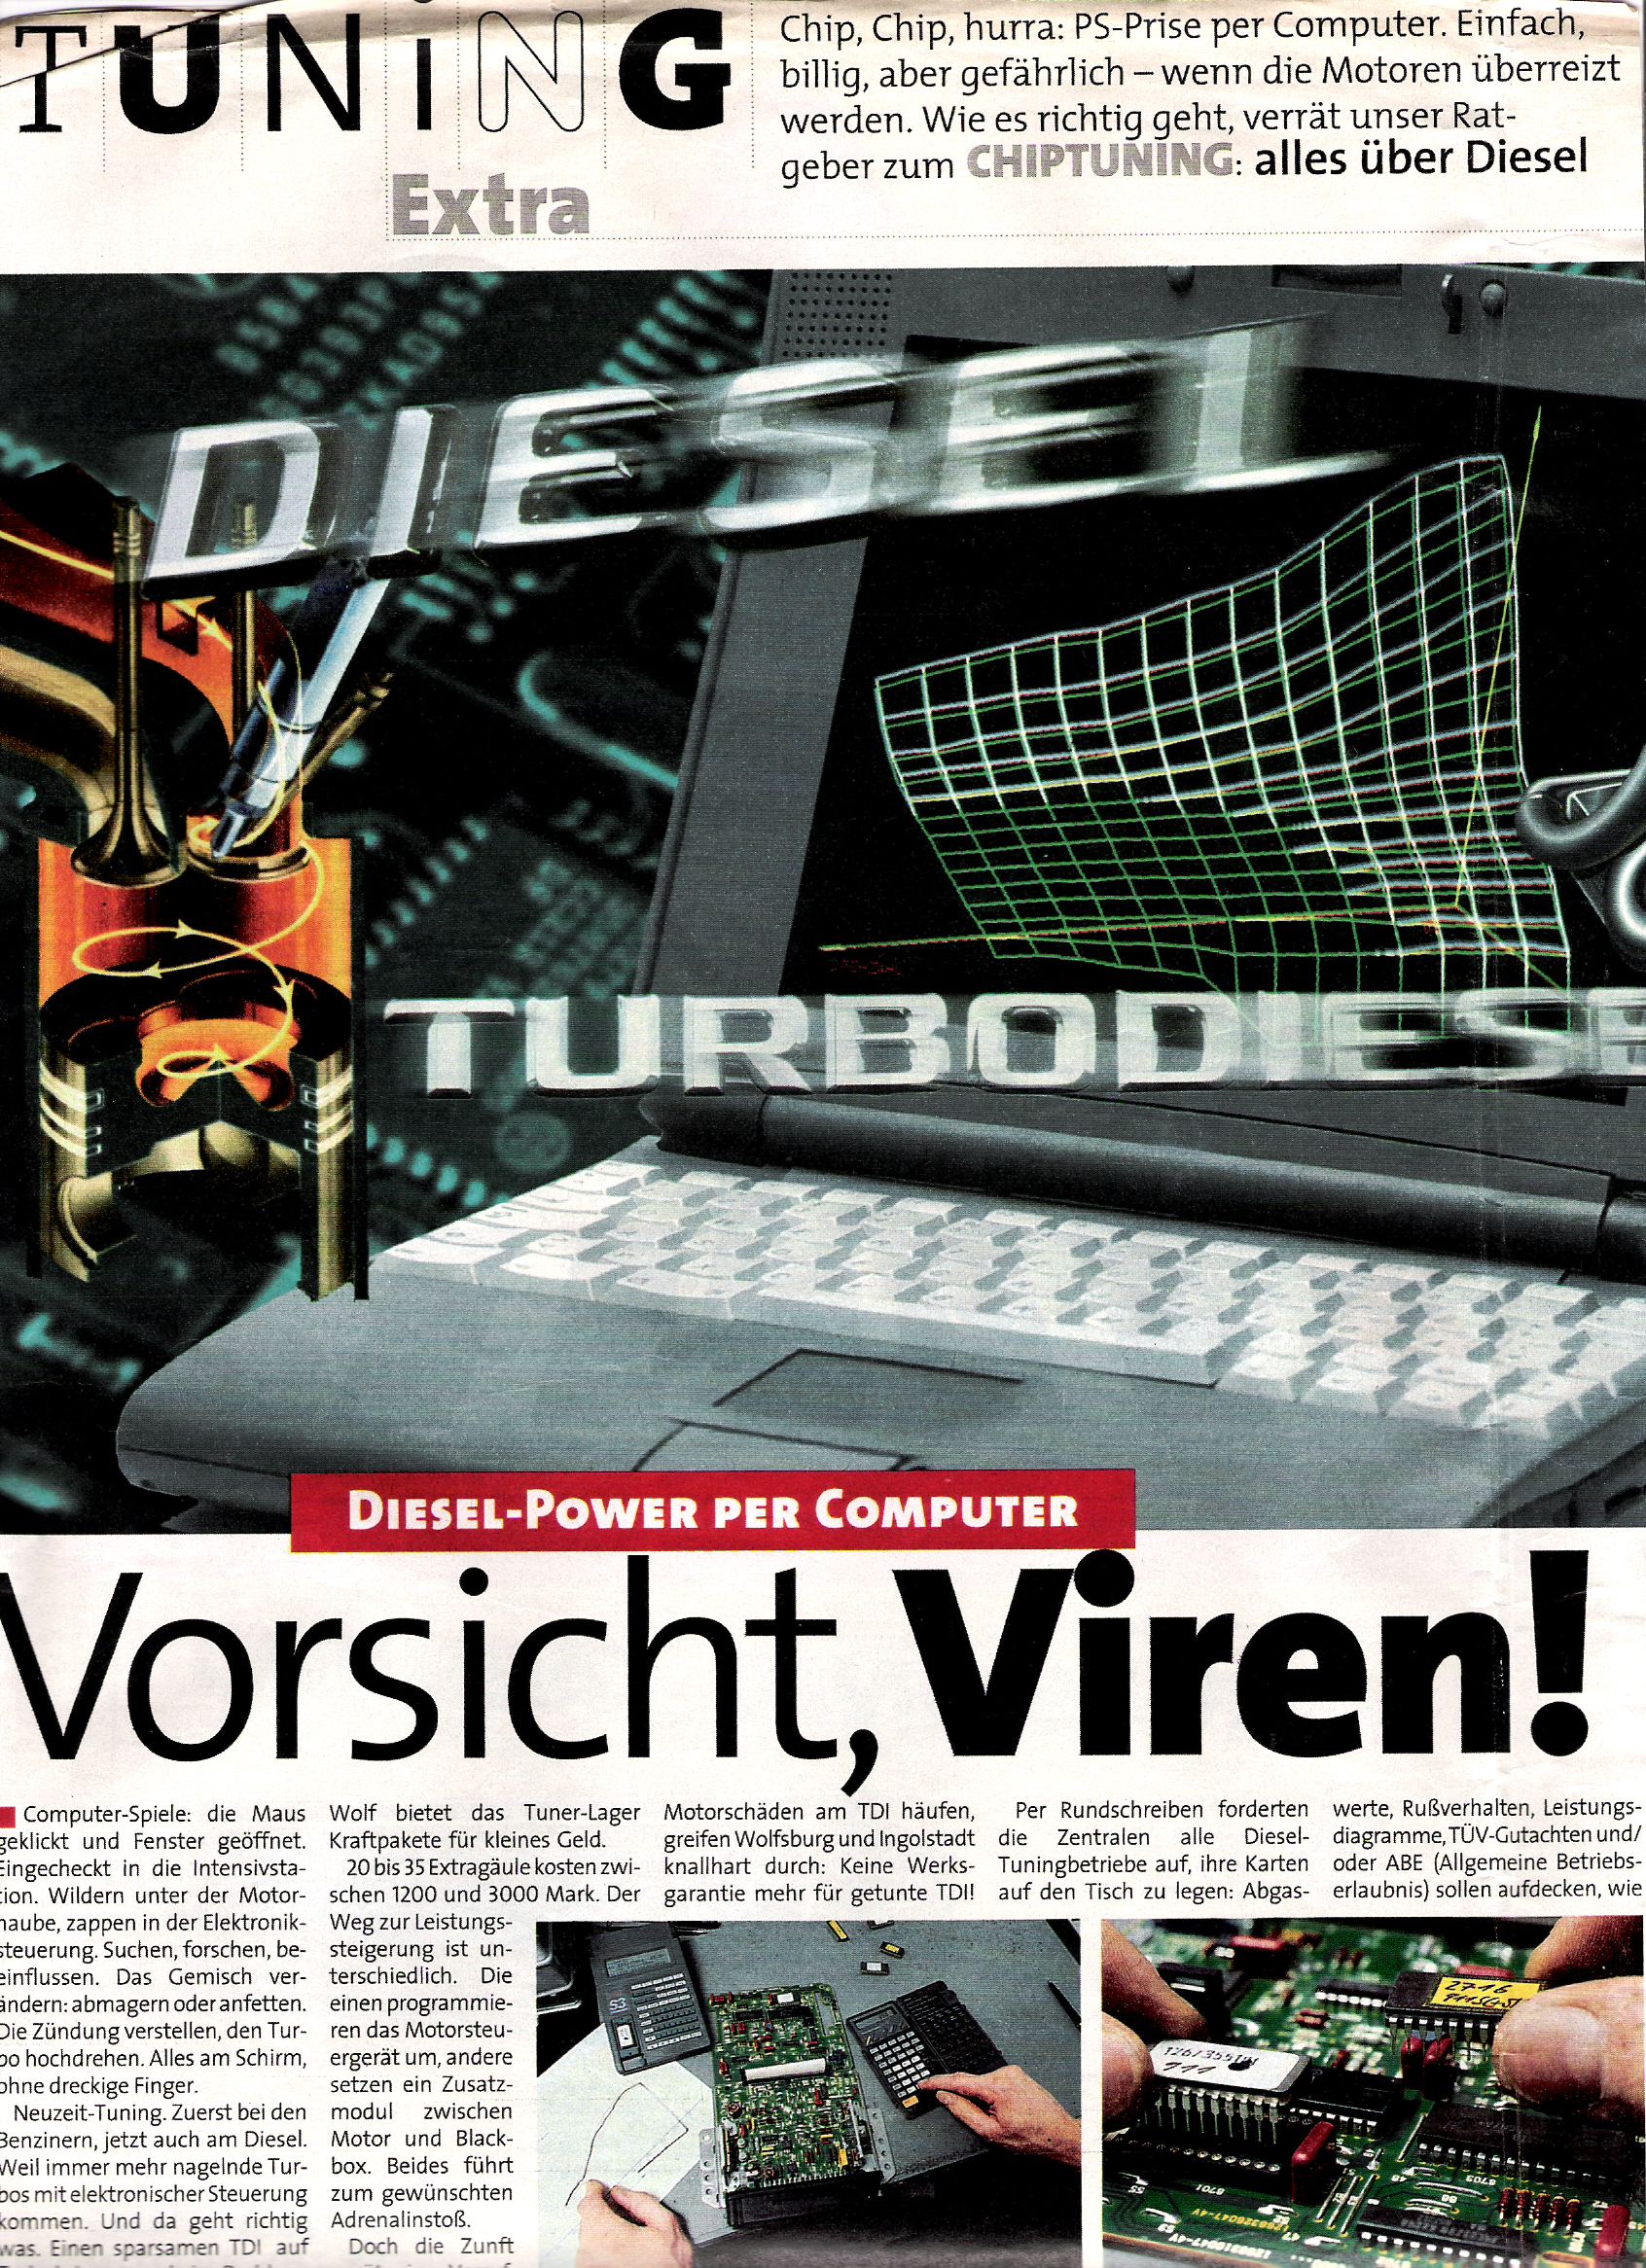 """Auto-Bild, 1997 """"Vorsicht, Viren!"""" 1"""